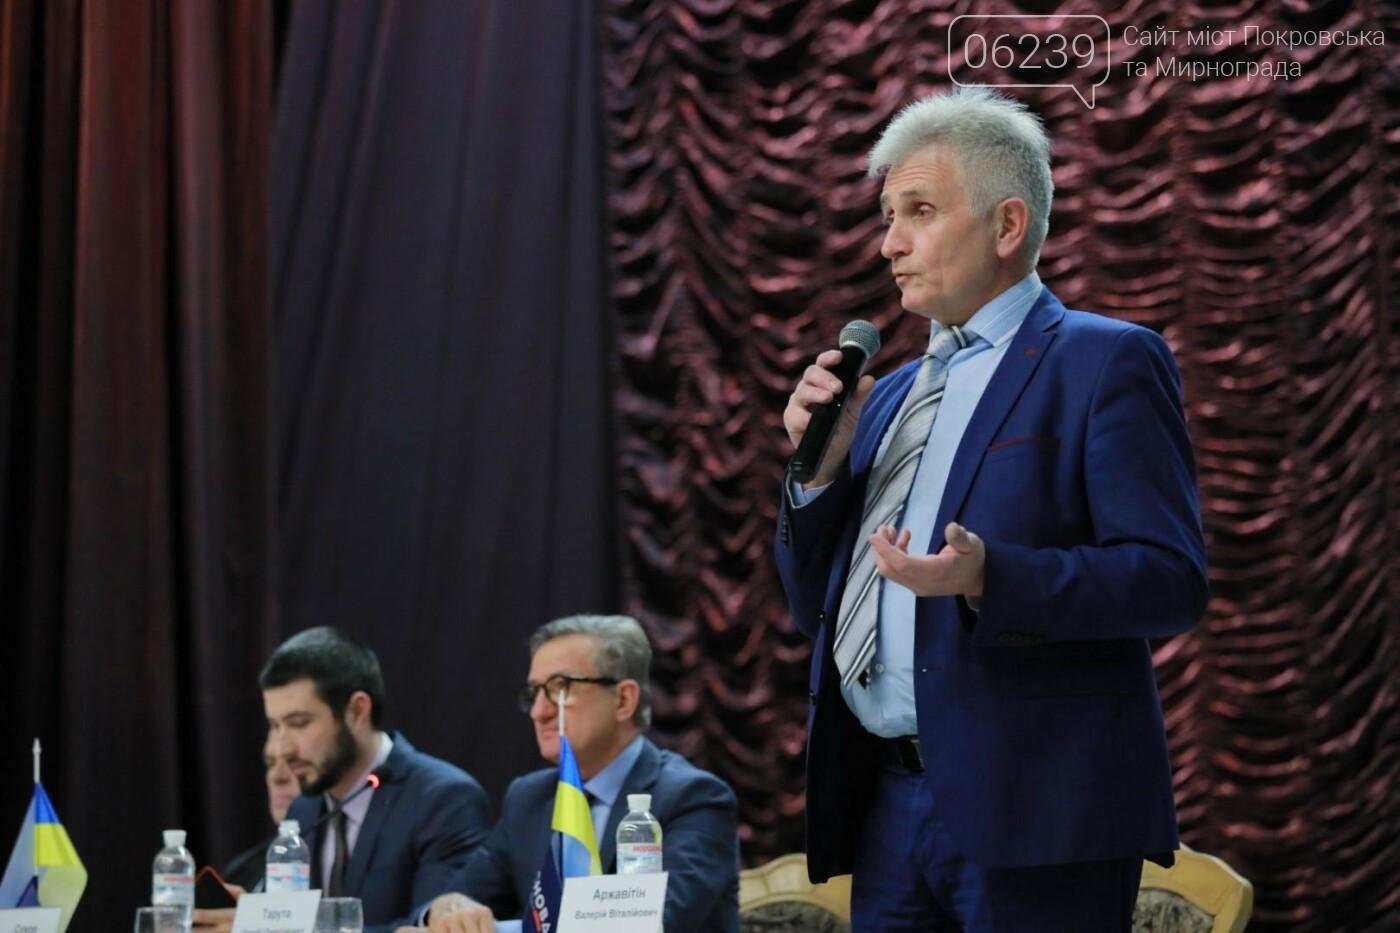 Кандидат на пост Президента Украины Сергей Тарута посетил Покровск, фото-18